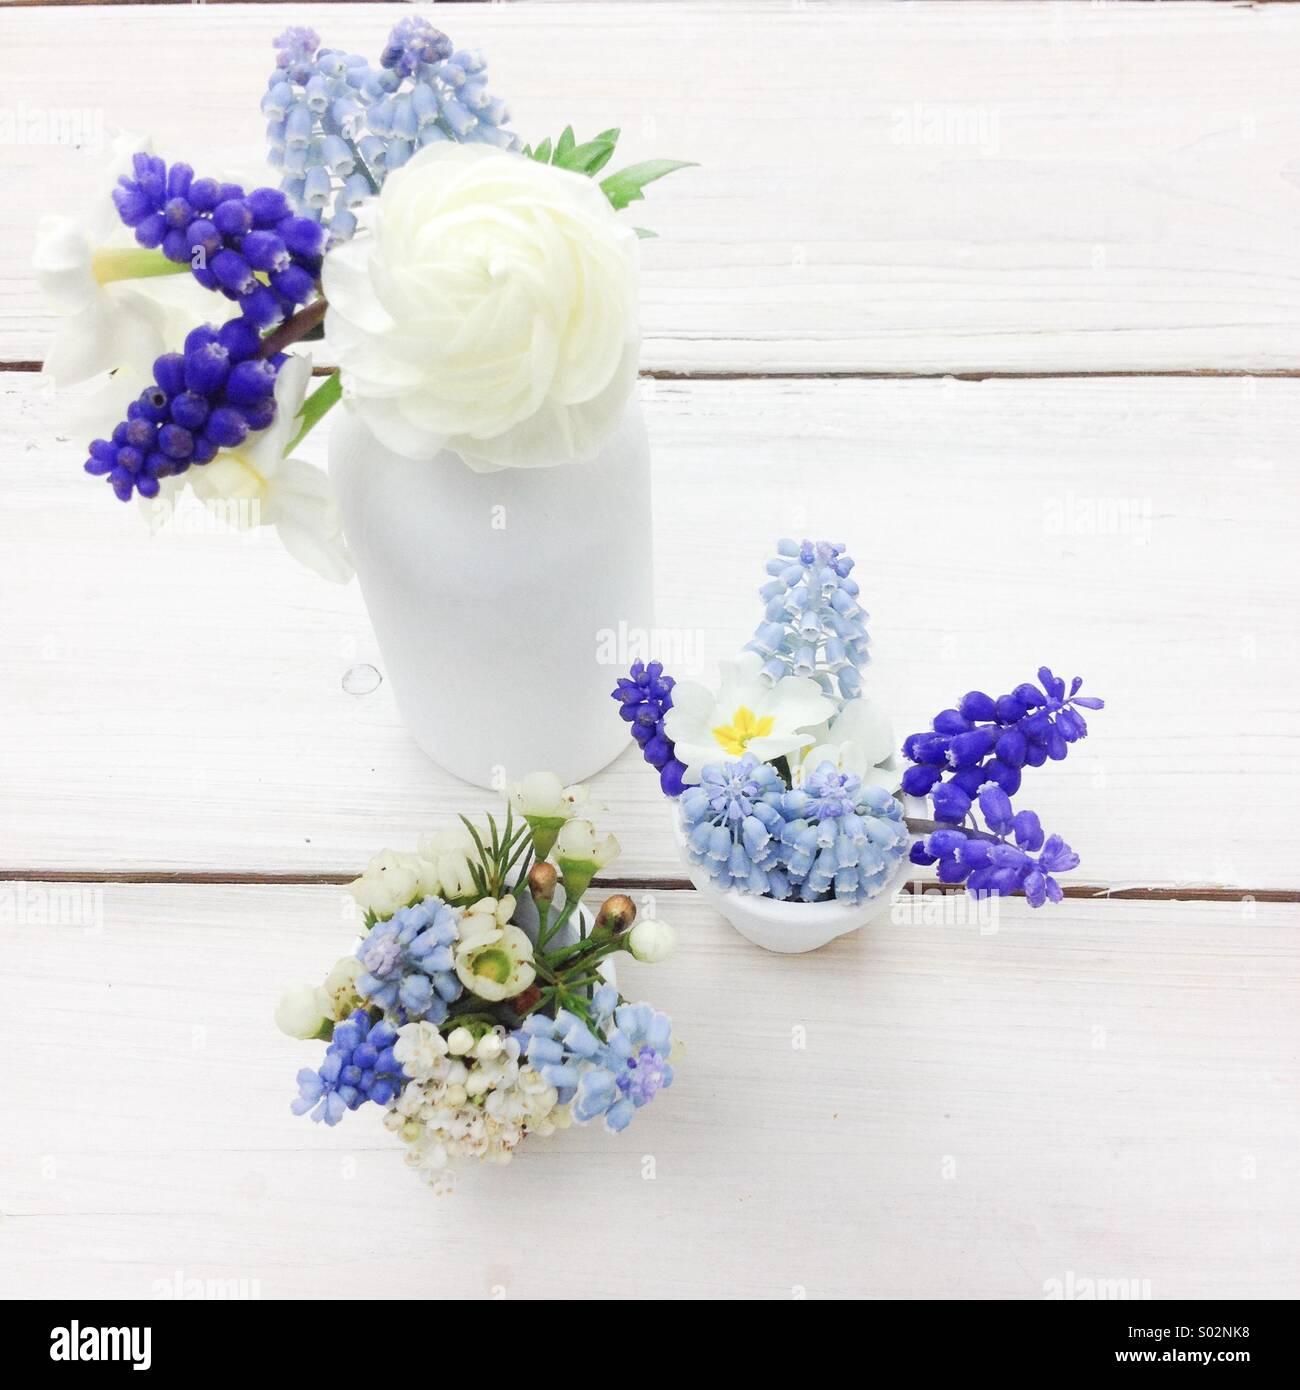 Trois petits bouquets de printemps bleu et blanc dans la bouteille de lait blanc. Muscaris bleus, narcisses, renoncules, Photo Stock